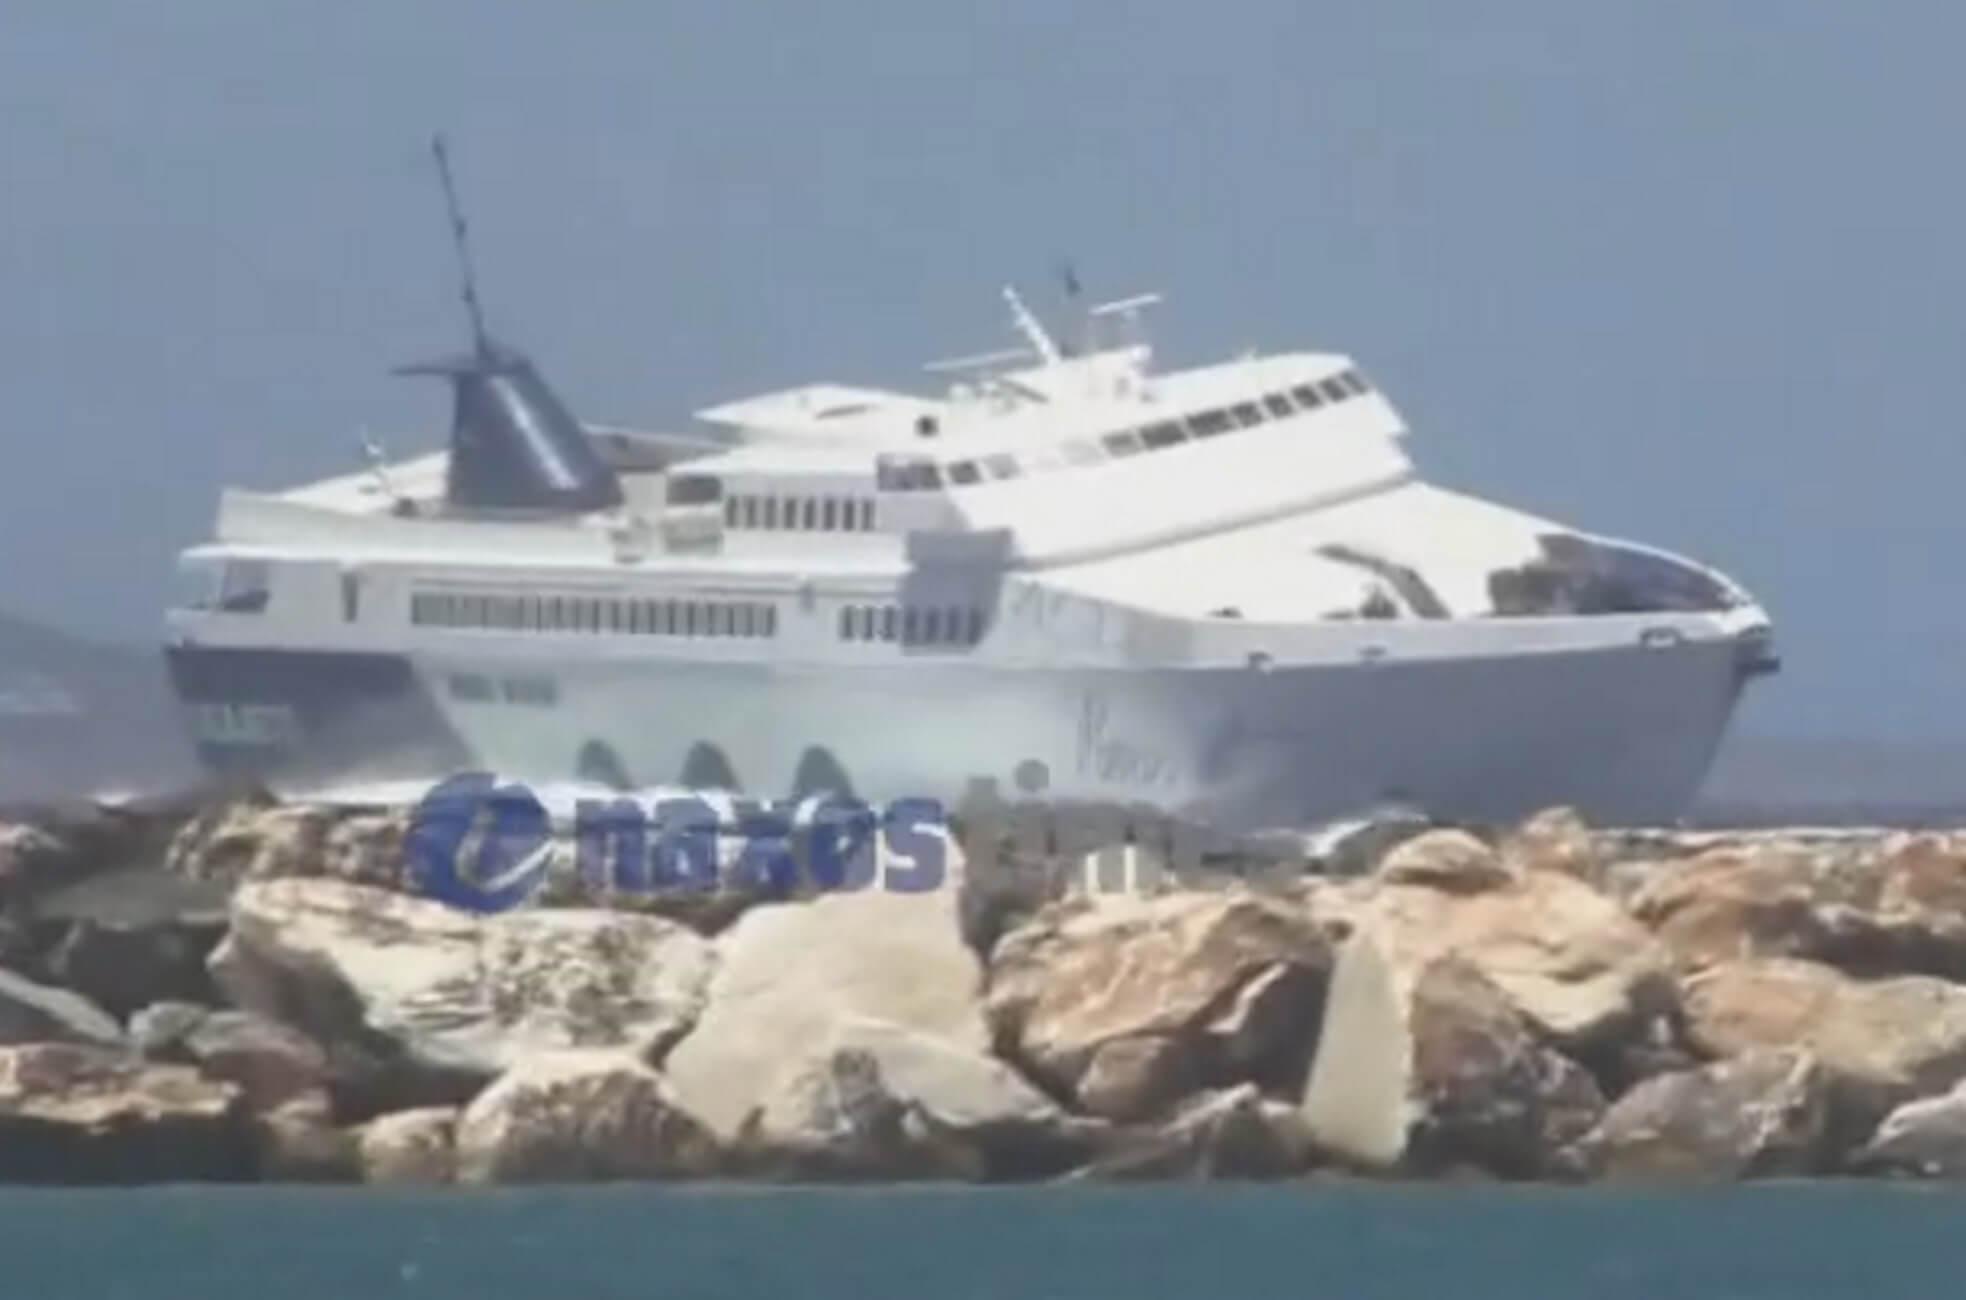 """Νάξος: Έγειρε το """"Paros Jet"""" στα μανιασμένα κύματα – Η μάχη των 9 μποφόρ που καθηλώνει – video"""